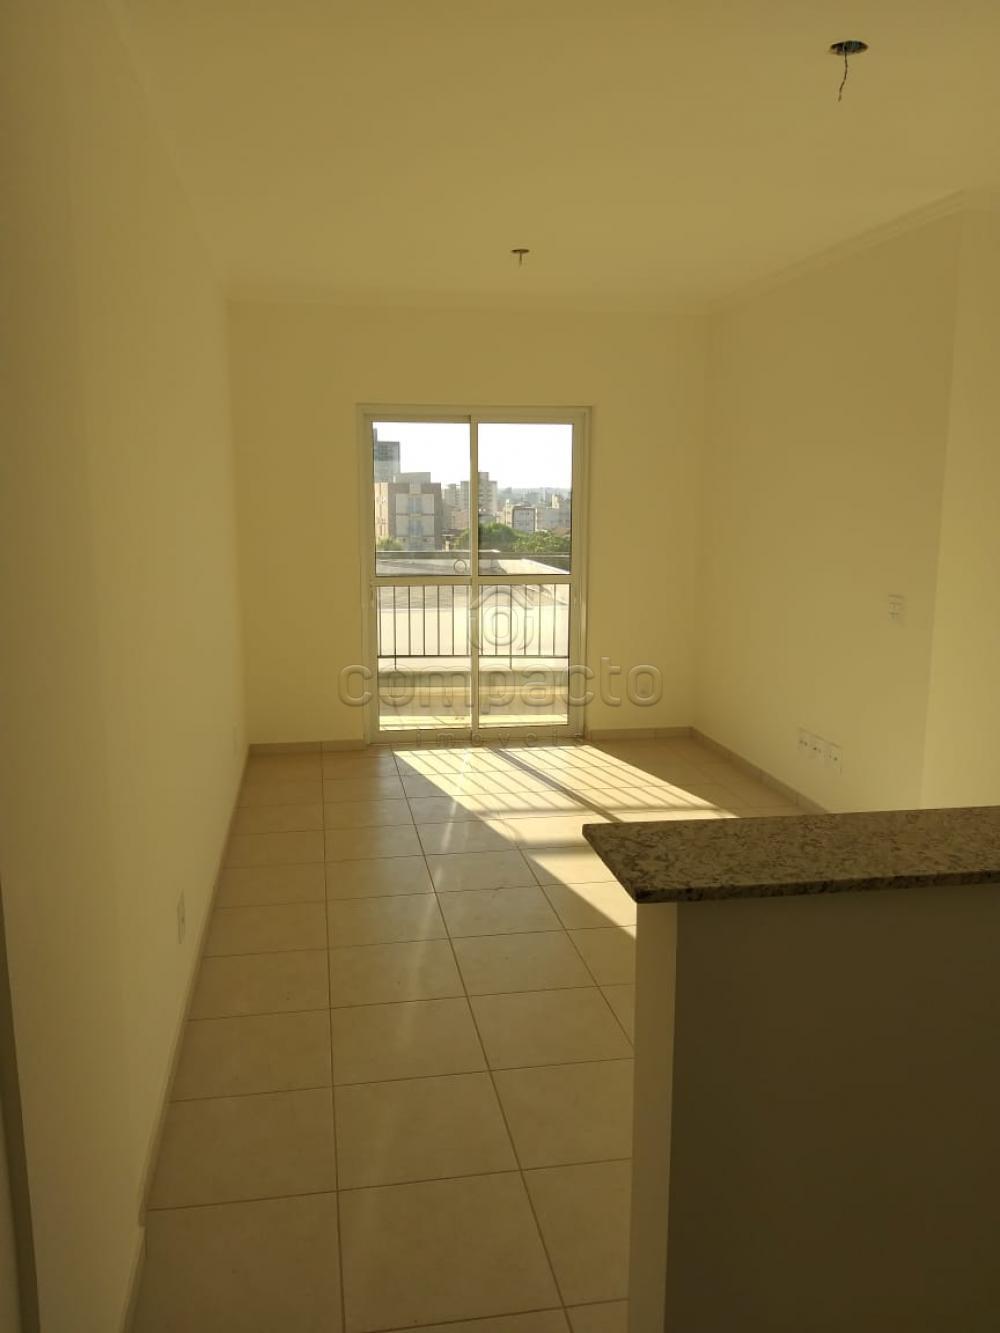 Comprar Apartamento / Padrão em São José do Rio Preto apenas R$ 290.000,00 - Foto 1